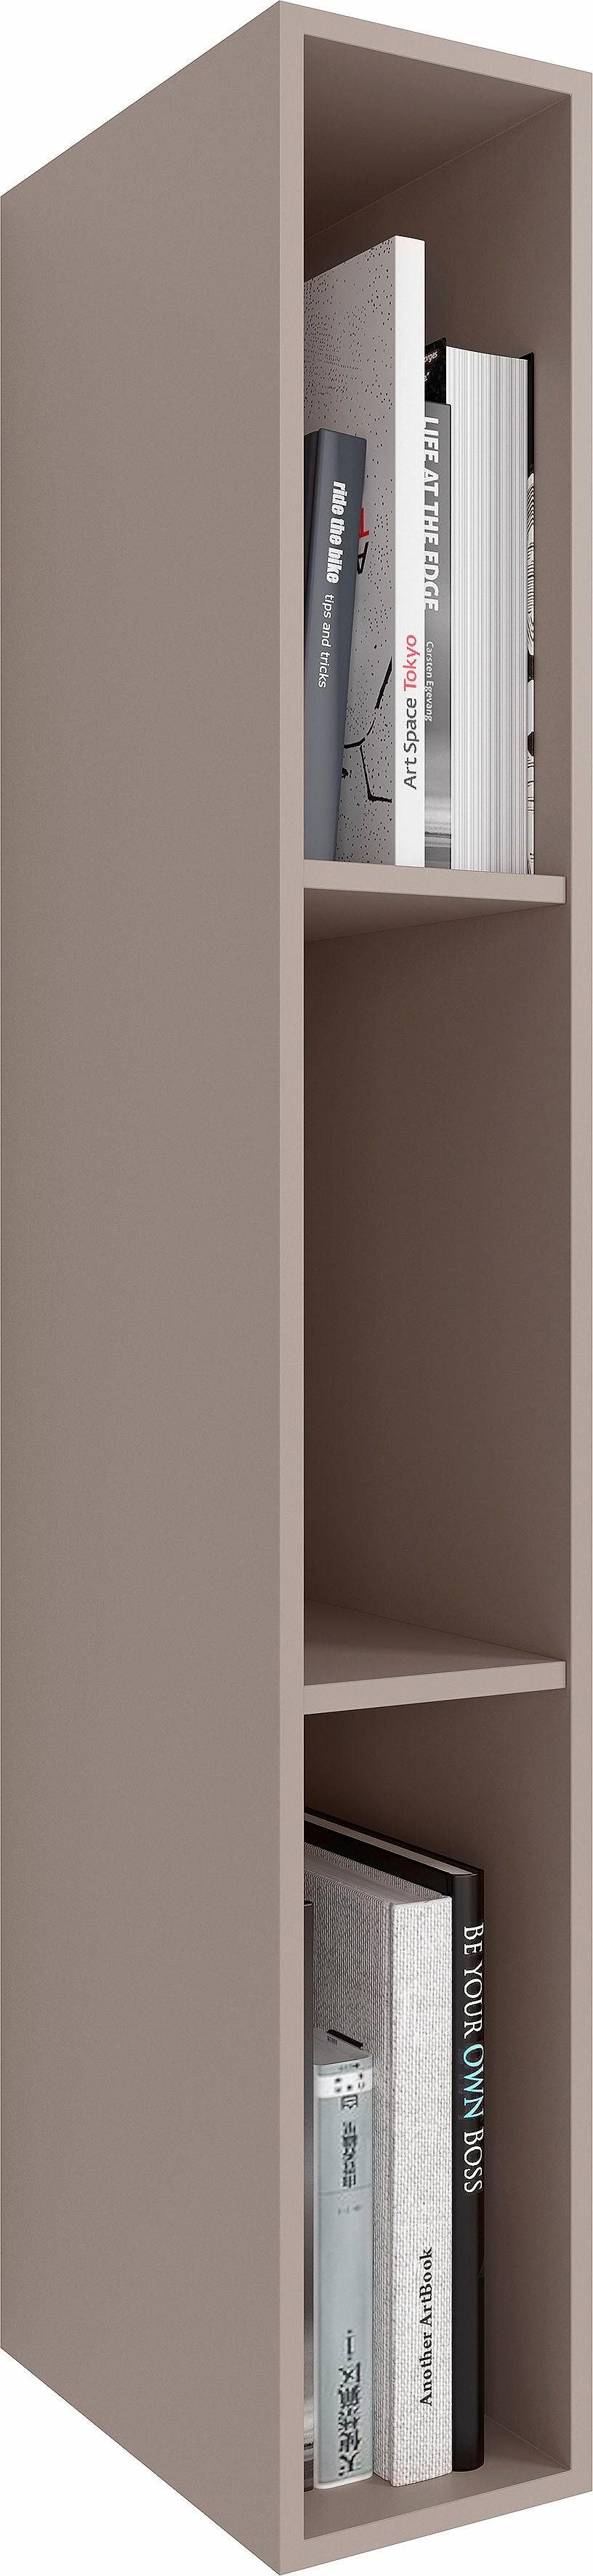 NETFURN BY GWINNER Regal »ANZIO«, Lack fango, Höhe 108 cm